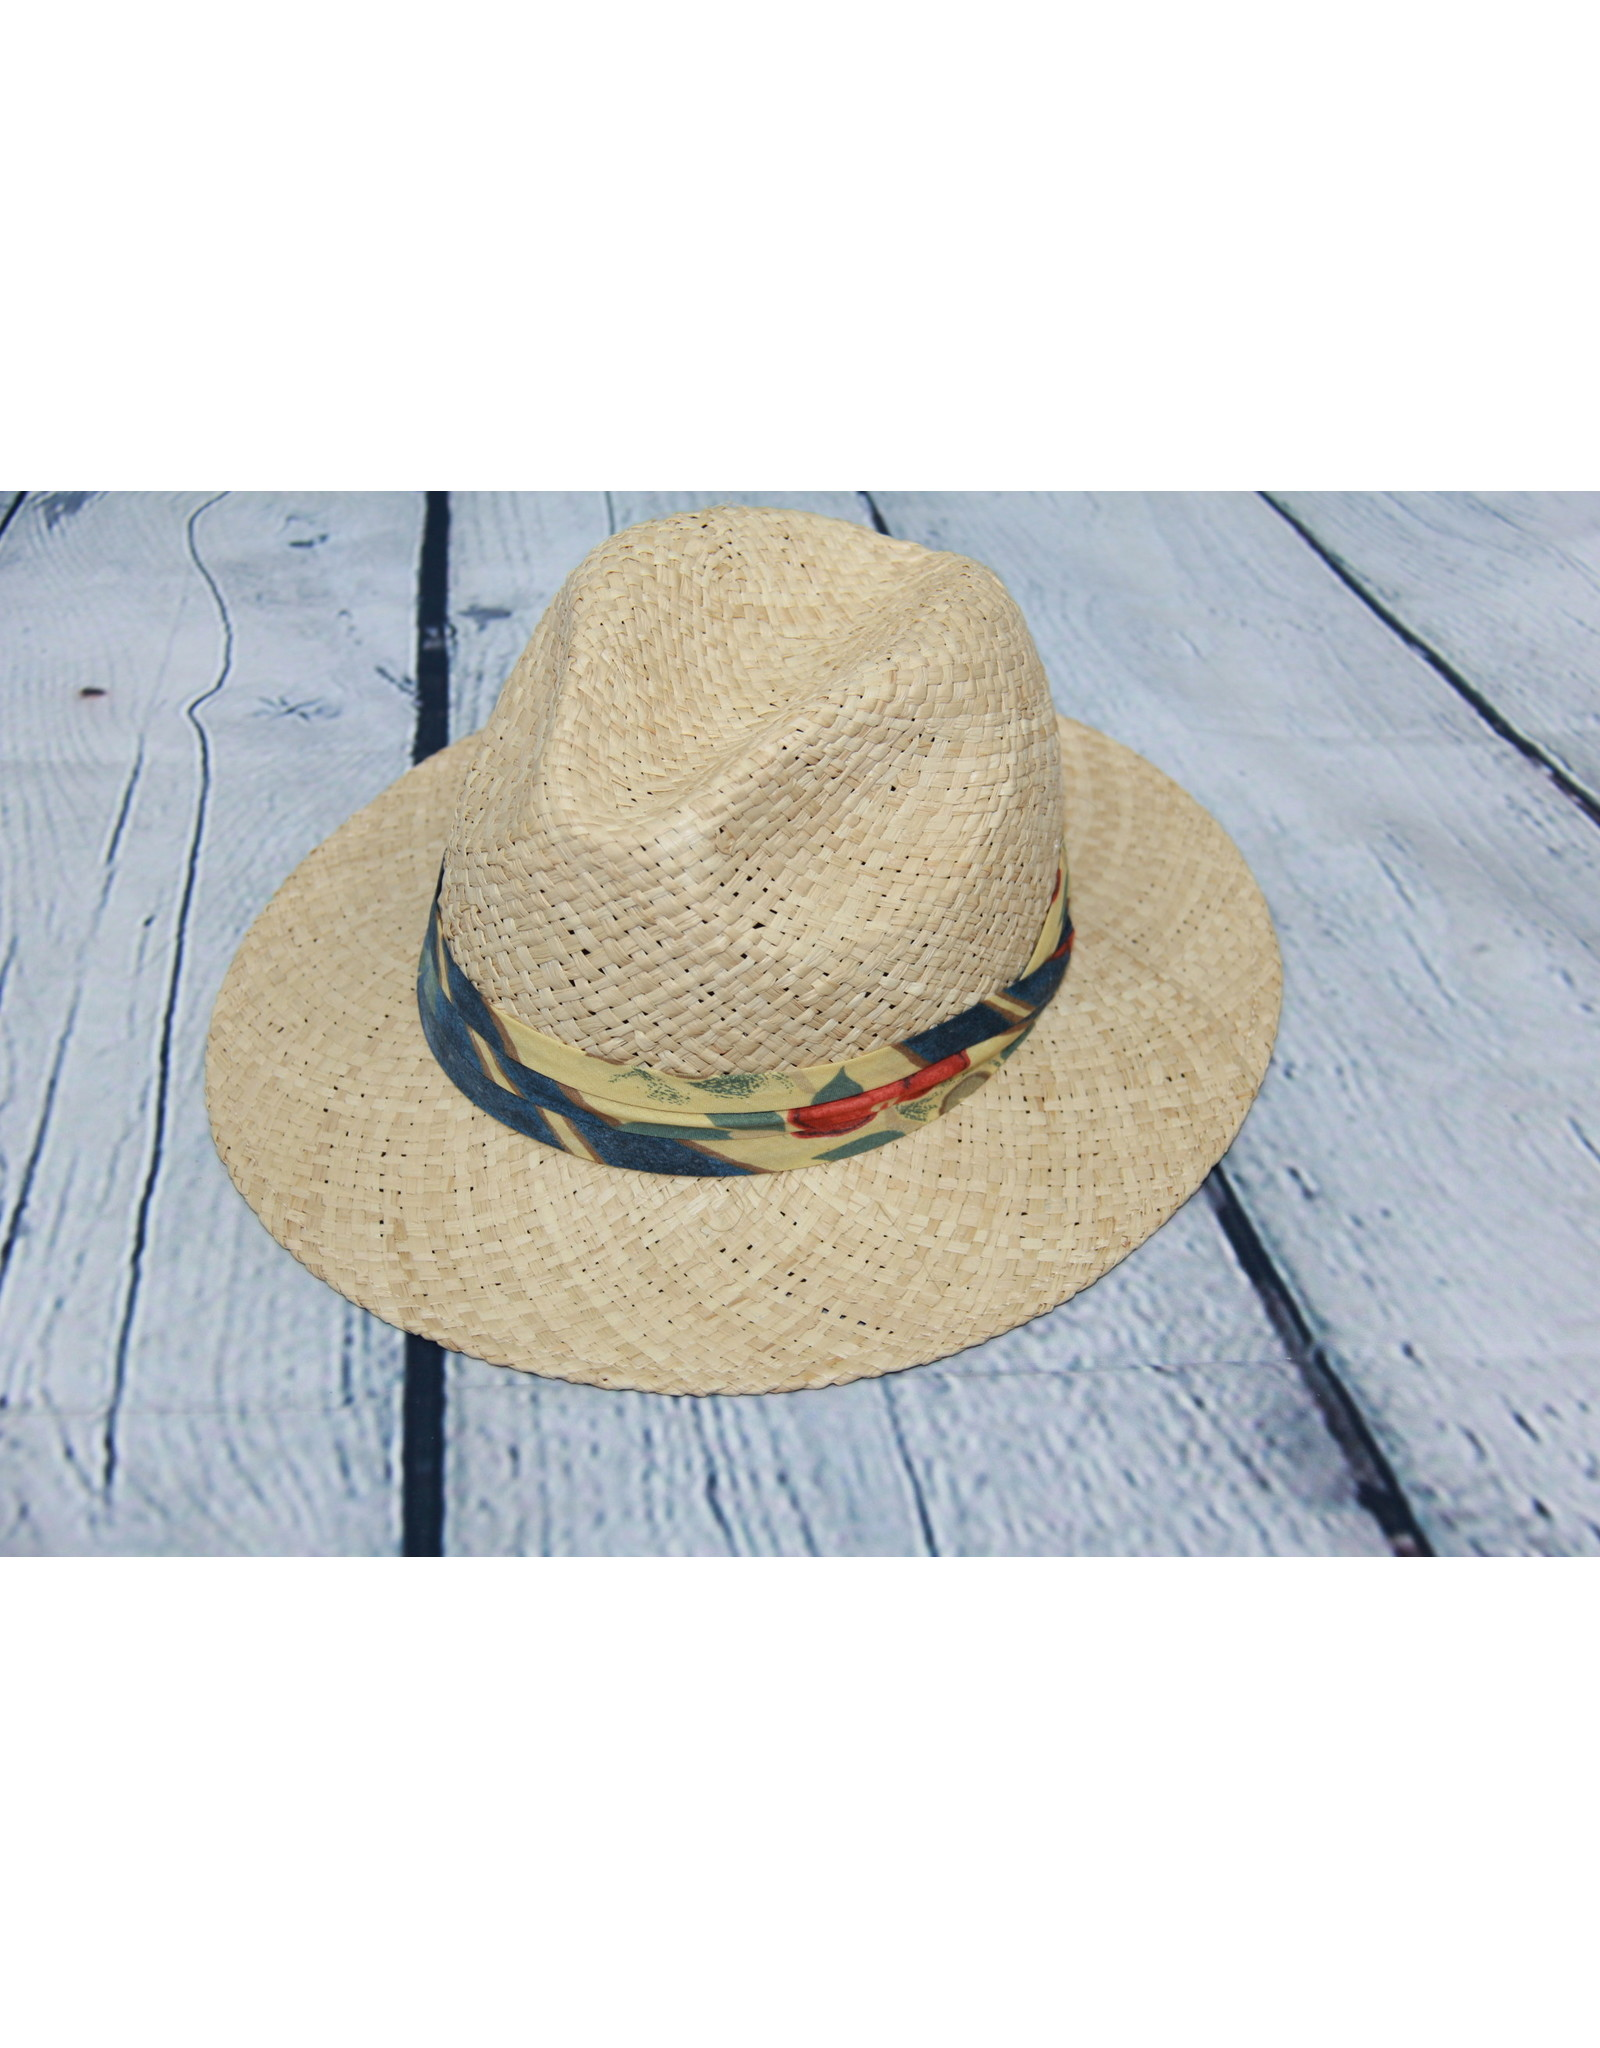 Lanning Hats